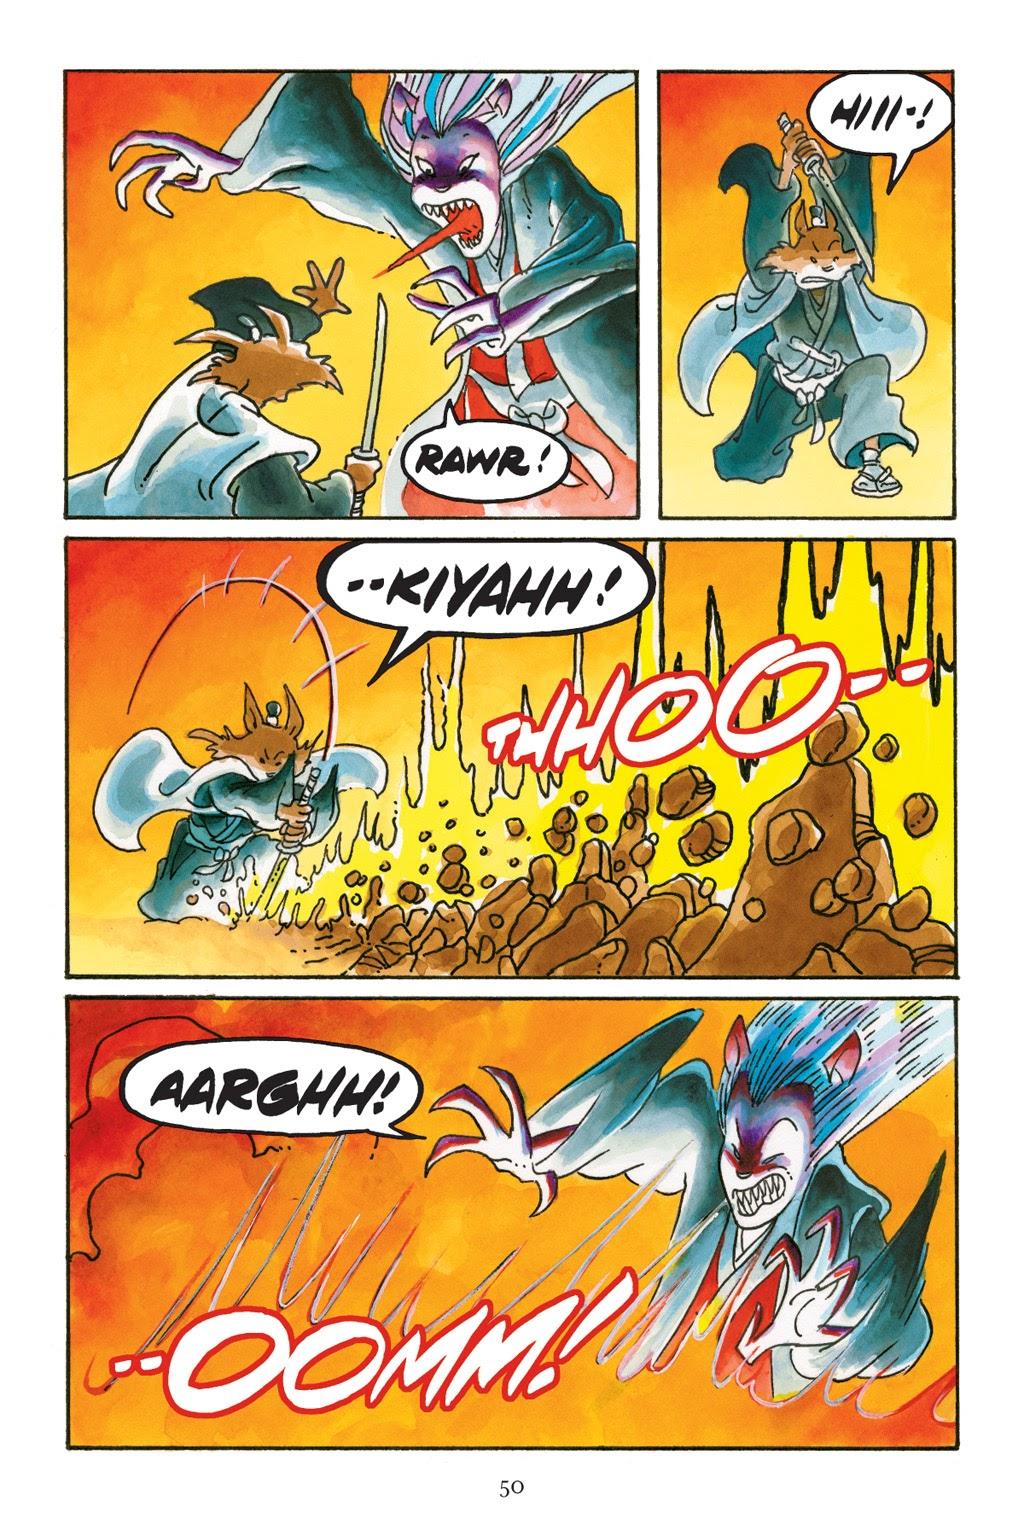 Read online Usagi Yojimbo: Yokai comic -  Issue # Full - 47